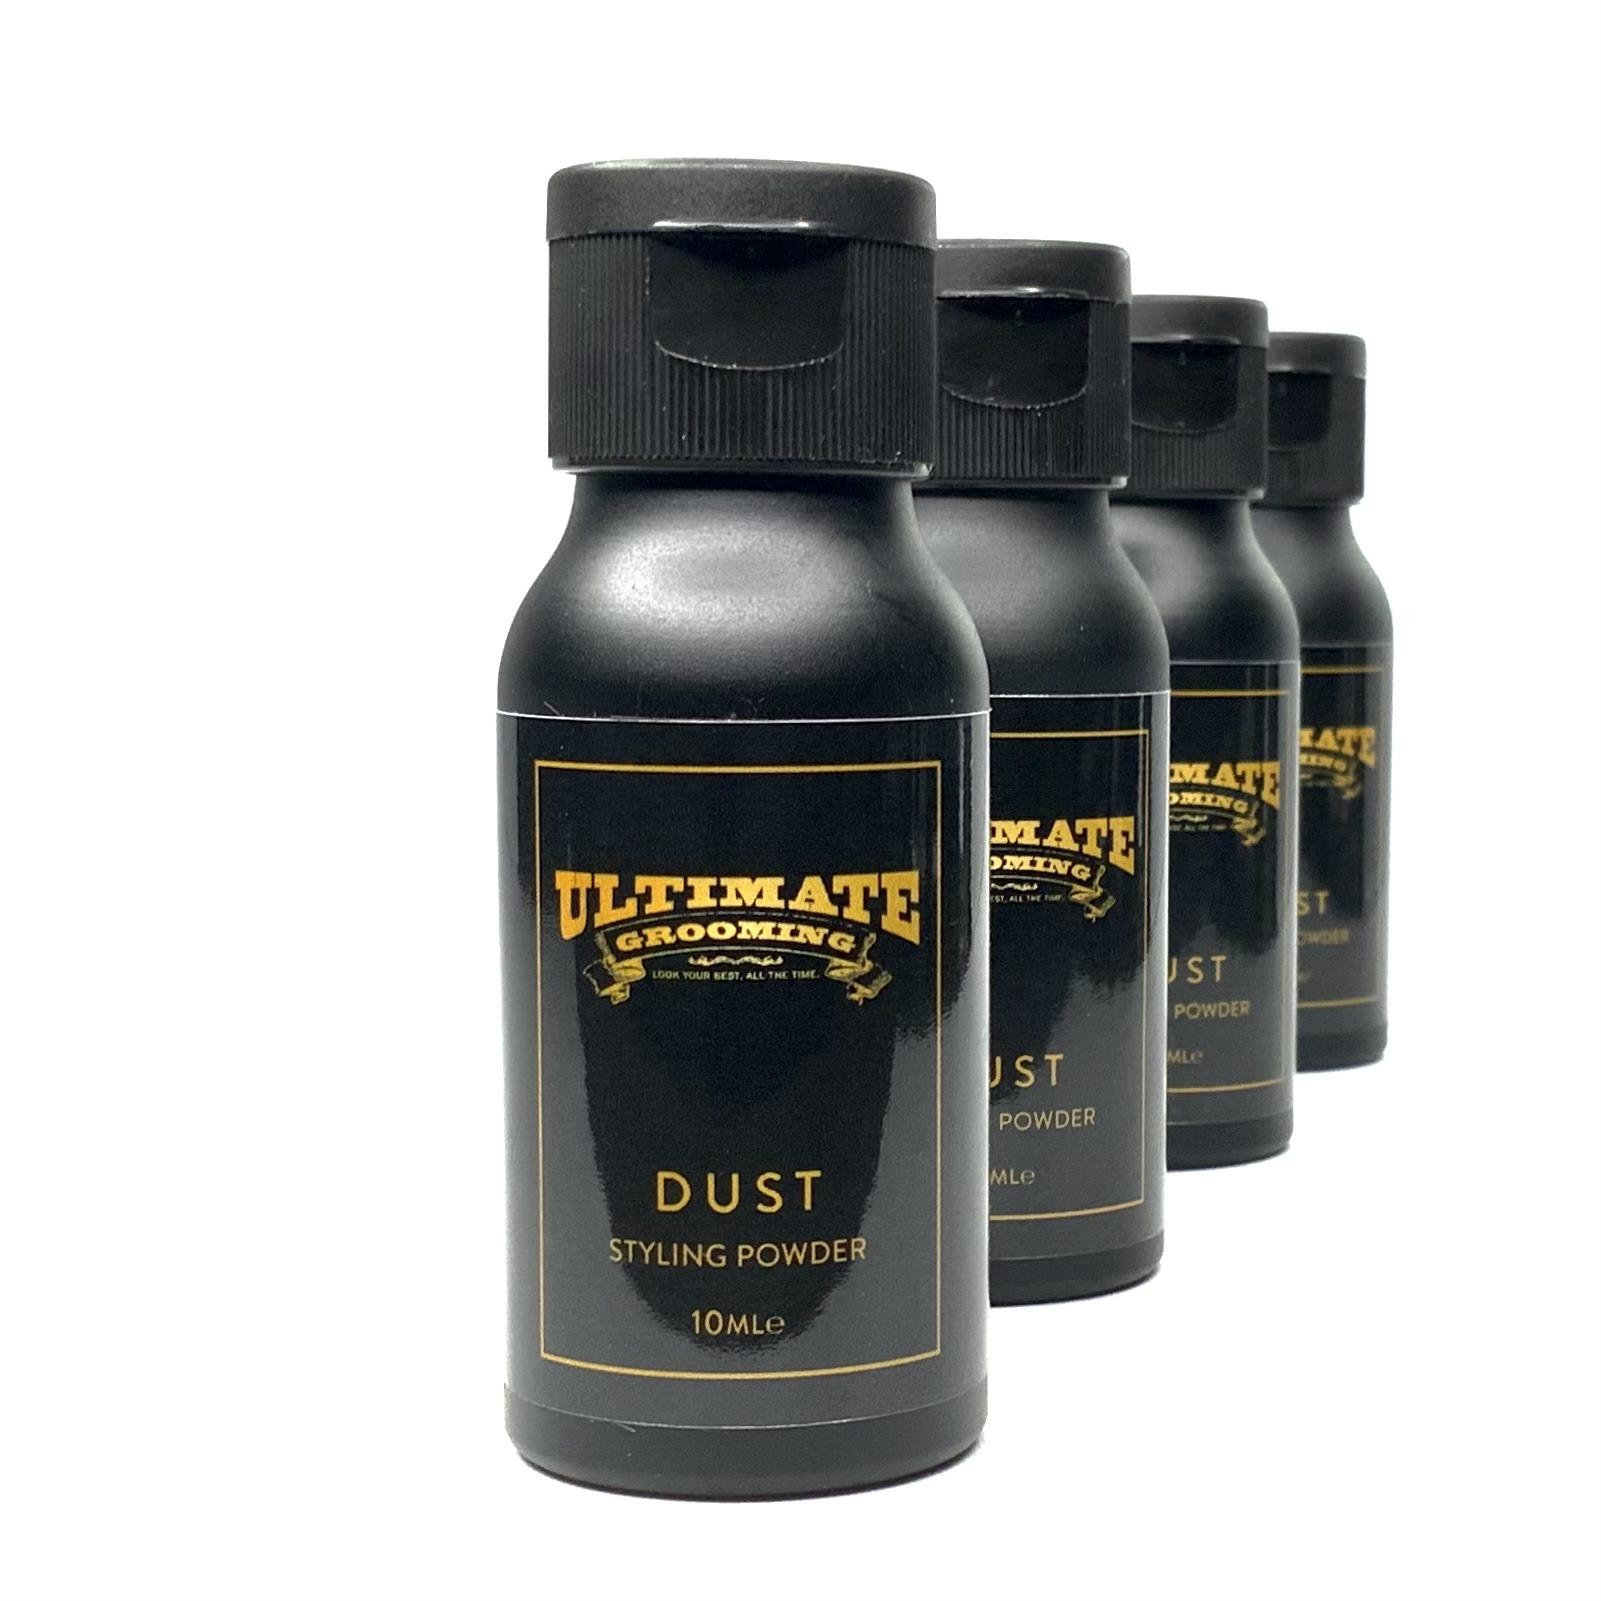 Dust   Hair Styling Powder